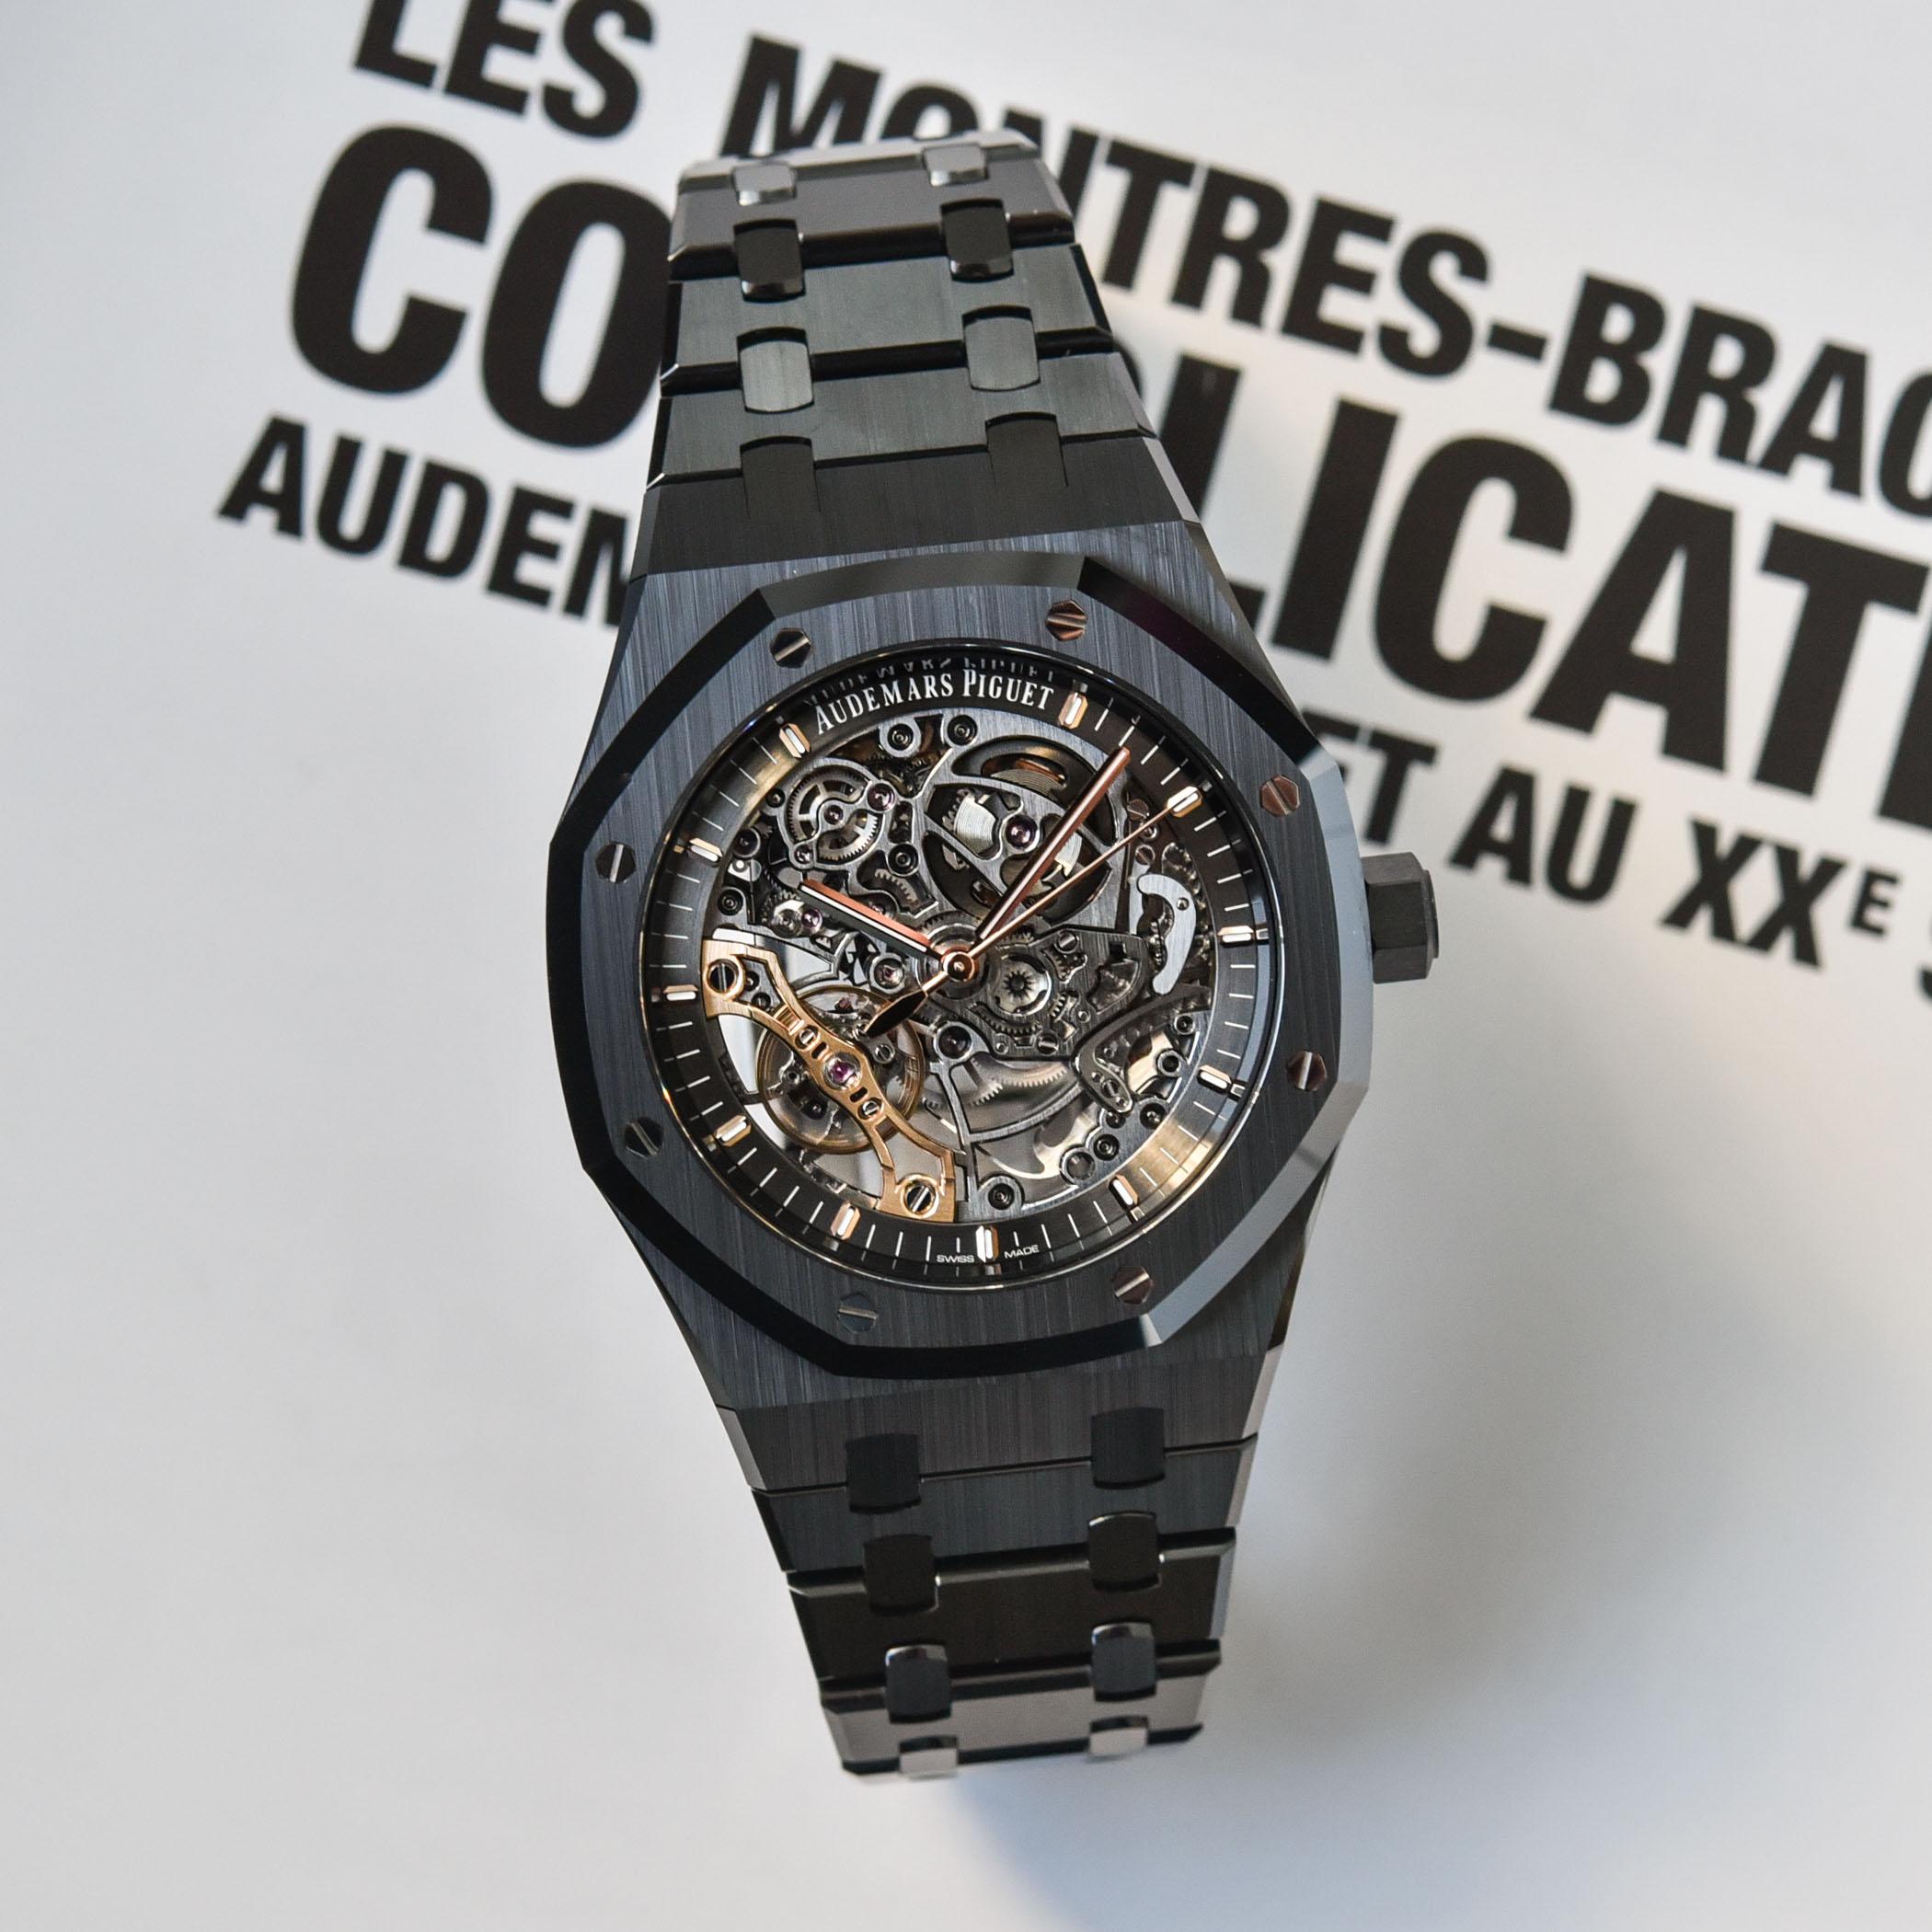 オーデマ・ピゲは全く新しいロイヤルオークシリーズの二本づり振り子にサイドオープンの黒色の陶磁器の腕時計に順番に当たるように出します